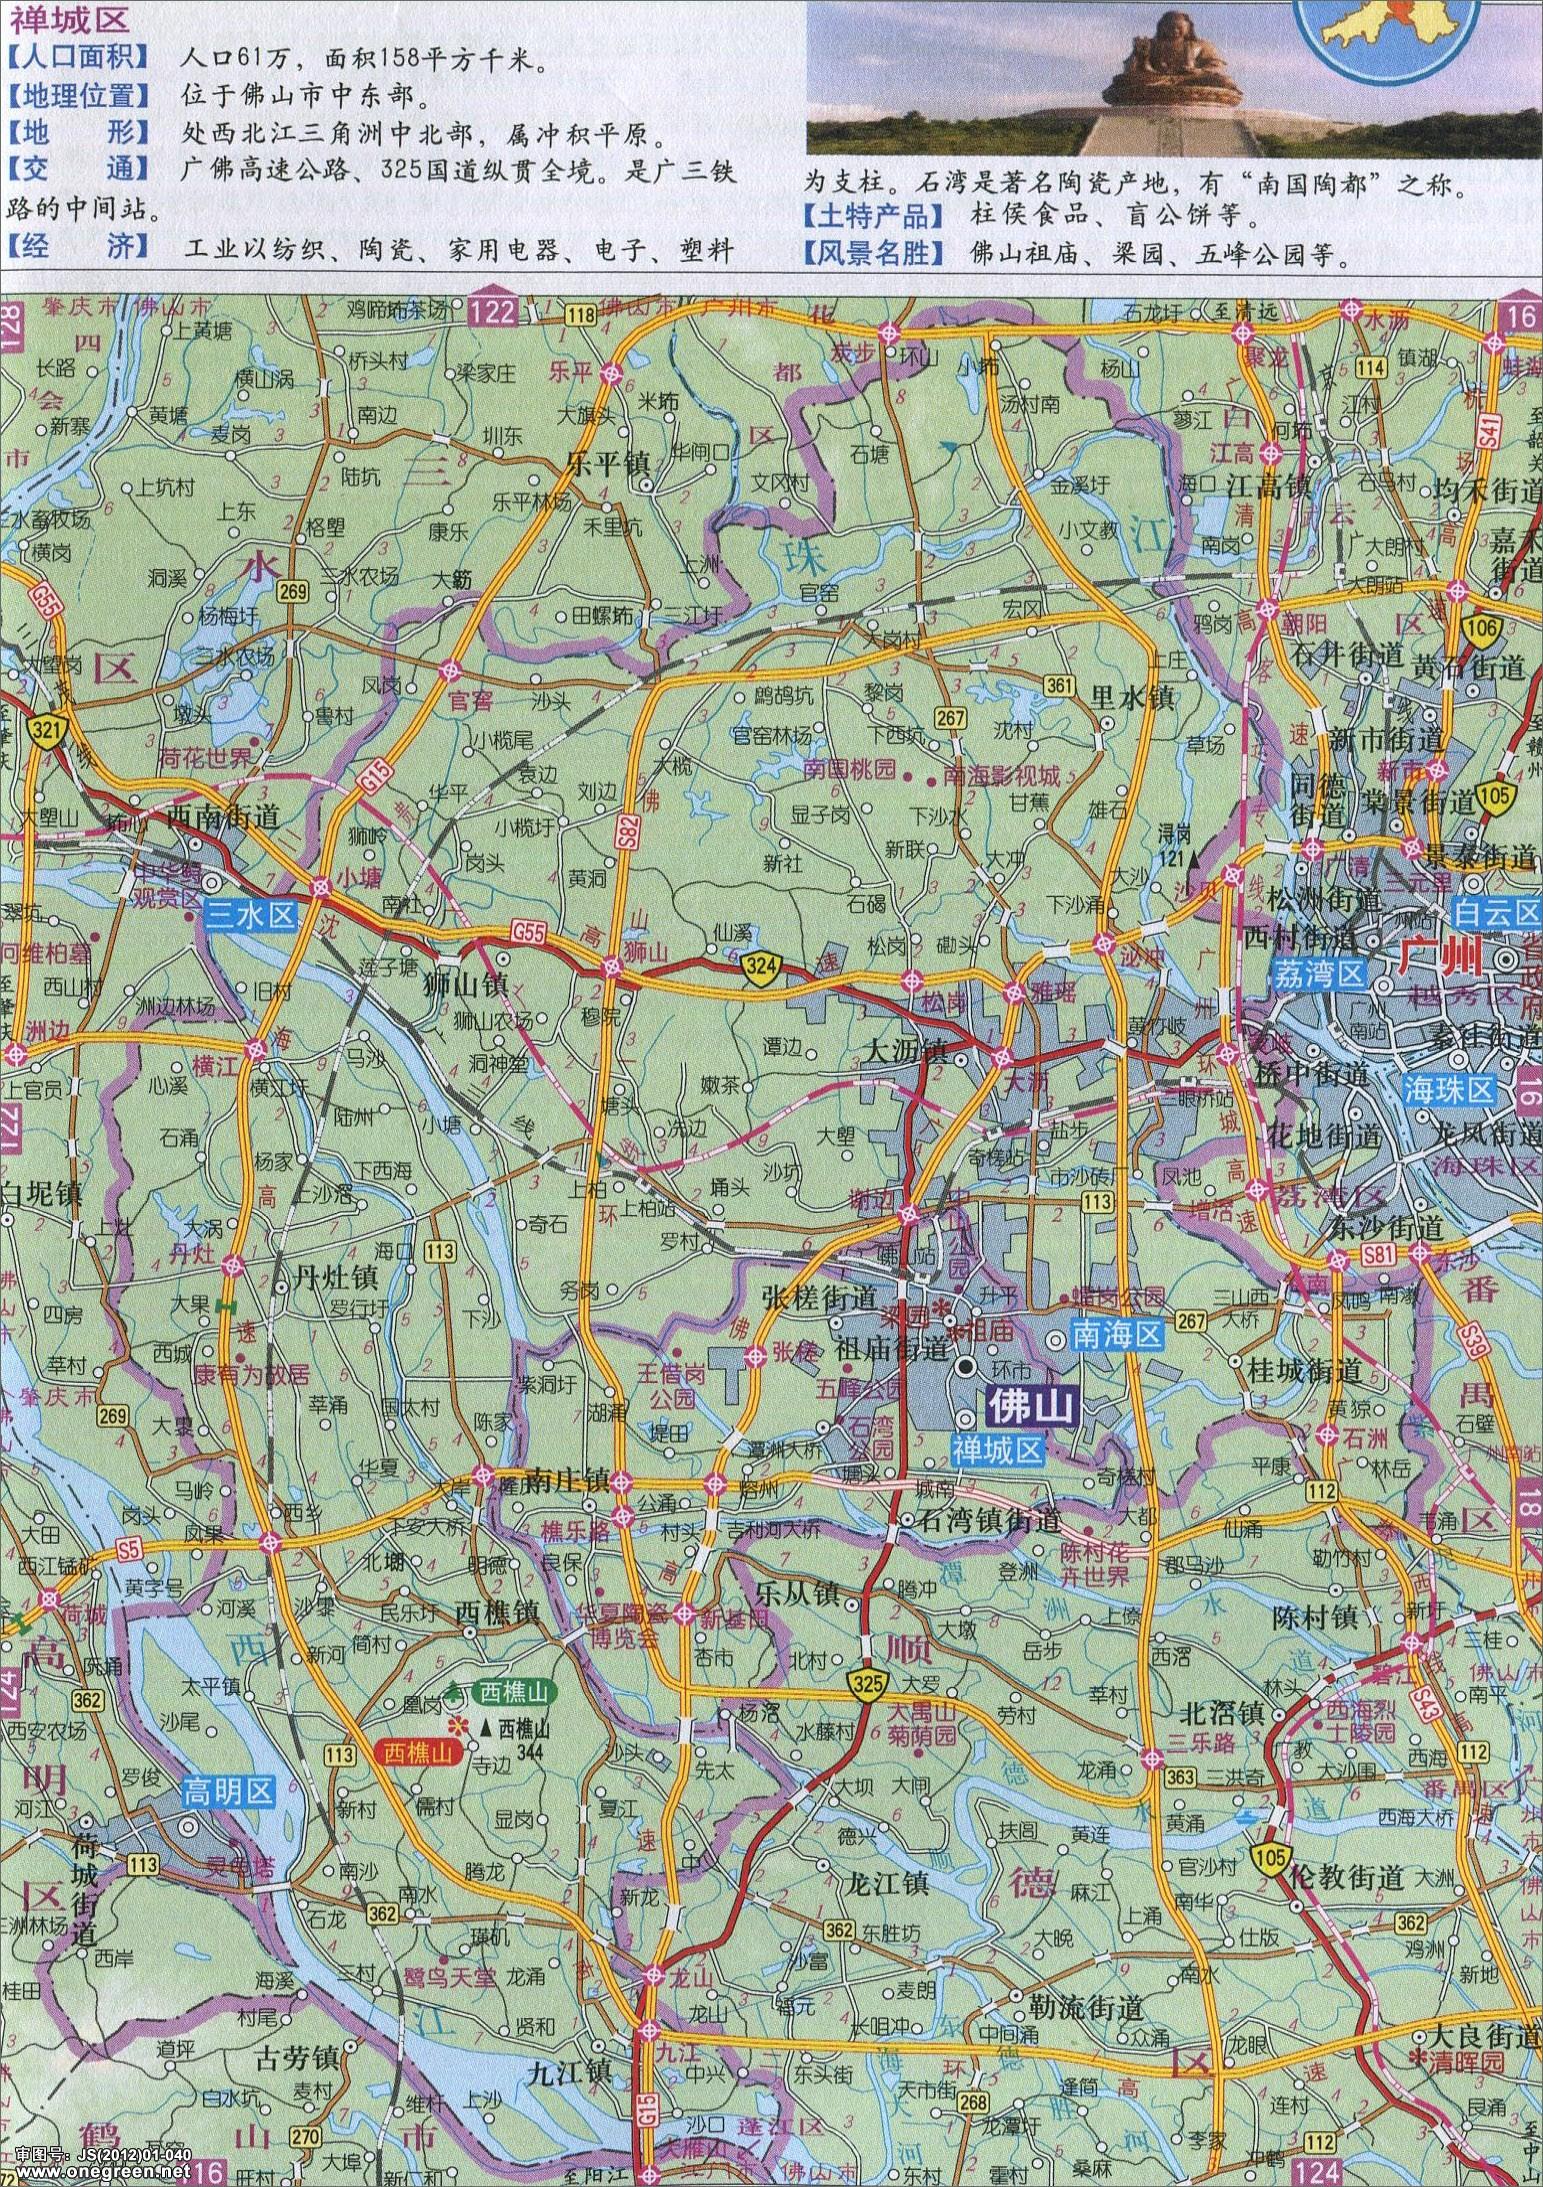 禅城区_南海区地图